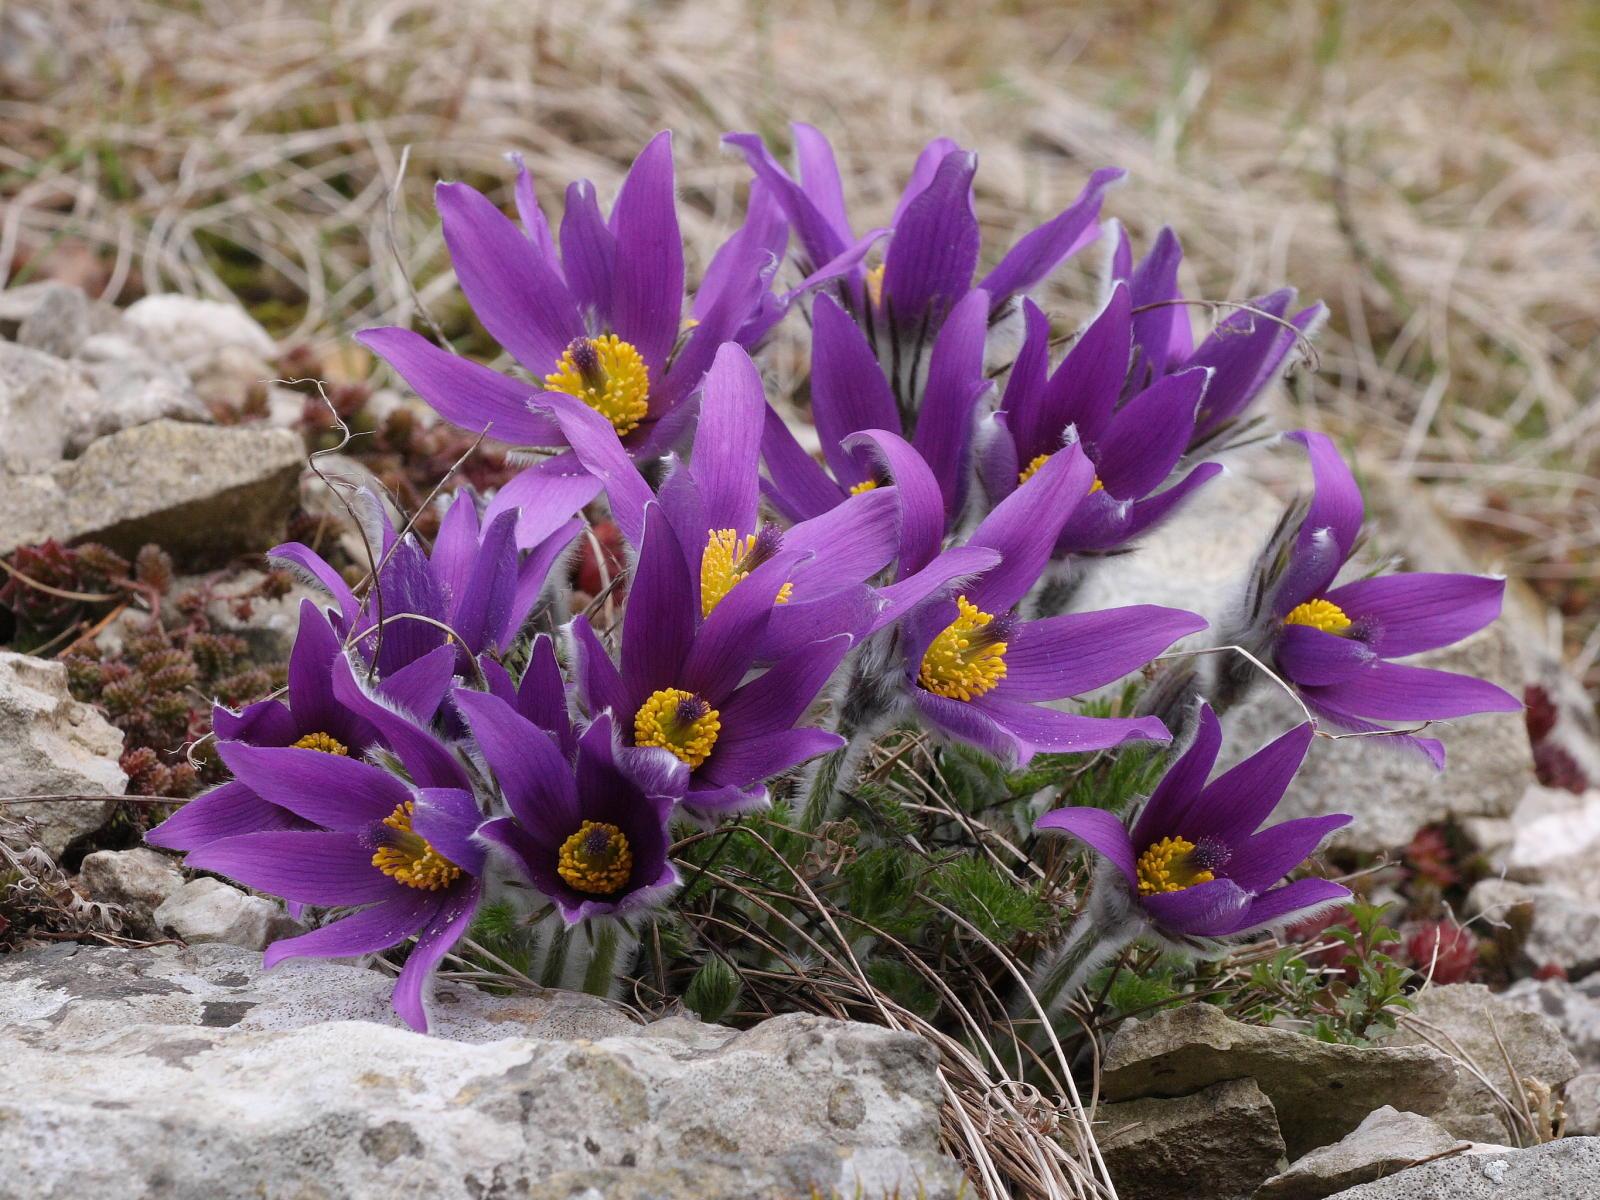 красивые сибирские цветы сон-трава прострел